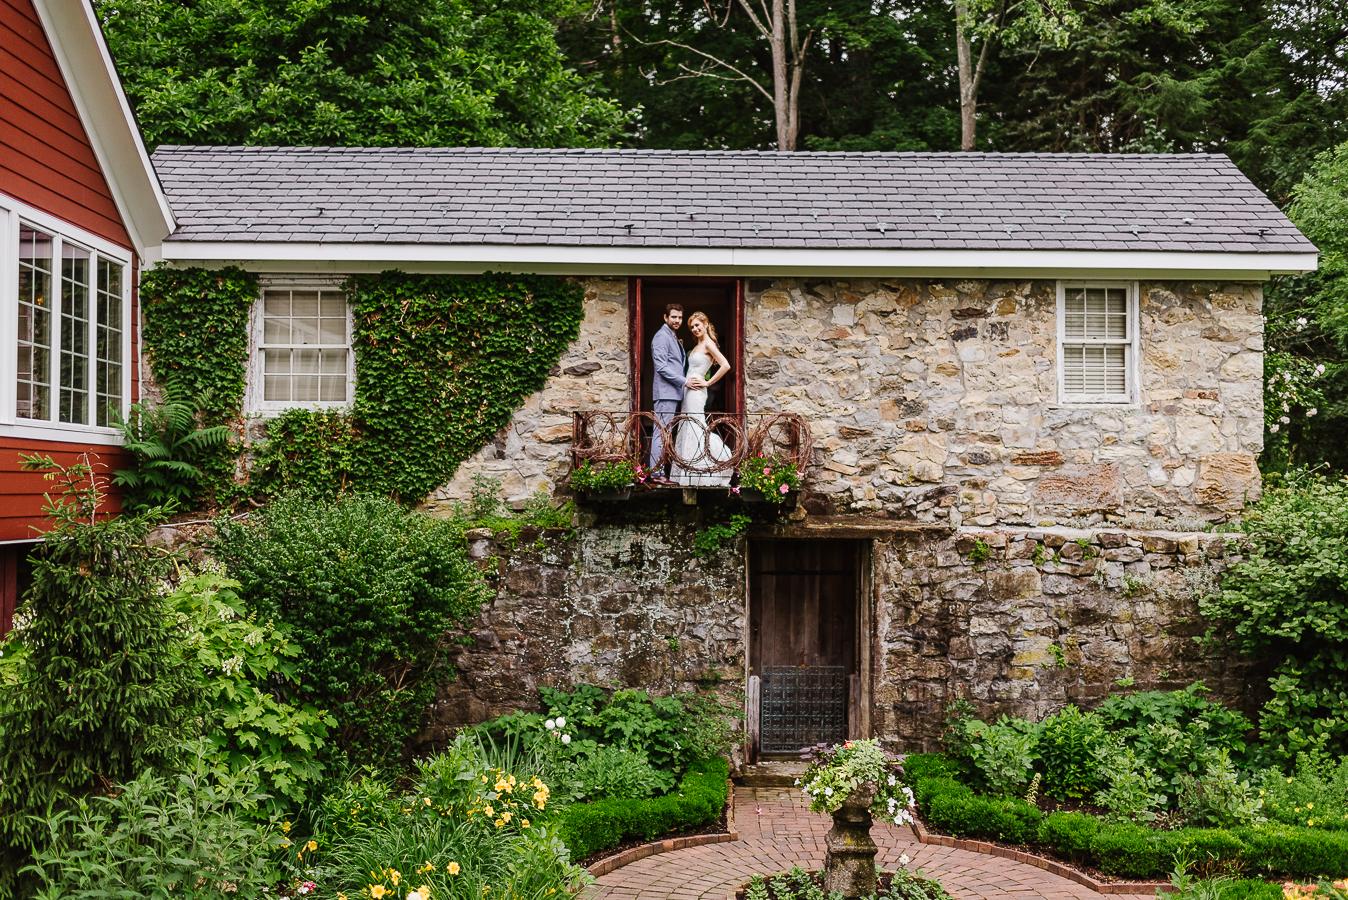 Stylish Crossed Keys Inn Wedding Crossed Keys Wedding Crossed Keys Inn Andover NJ Longbrook Photography-29.jpg